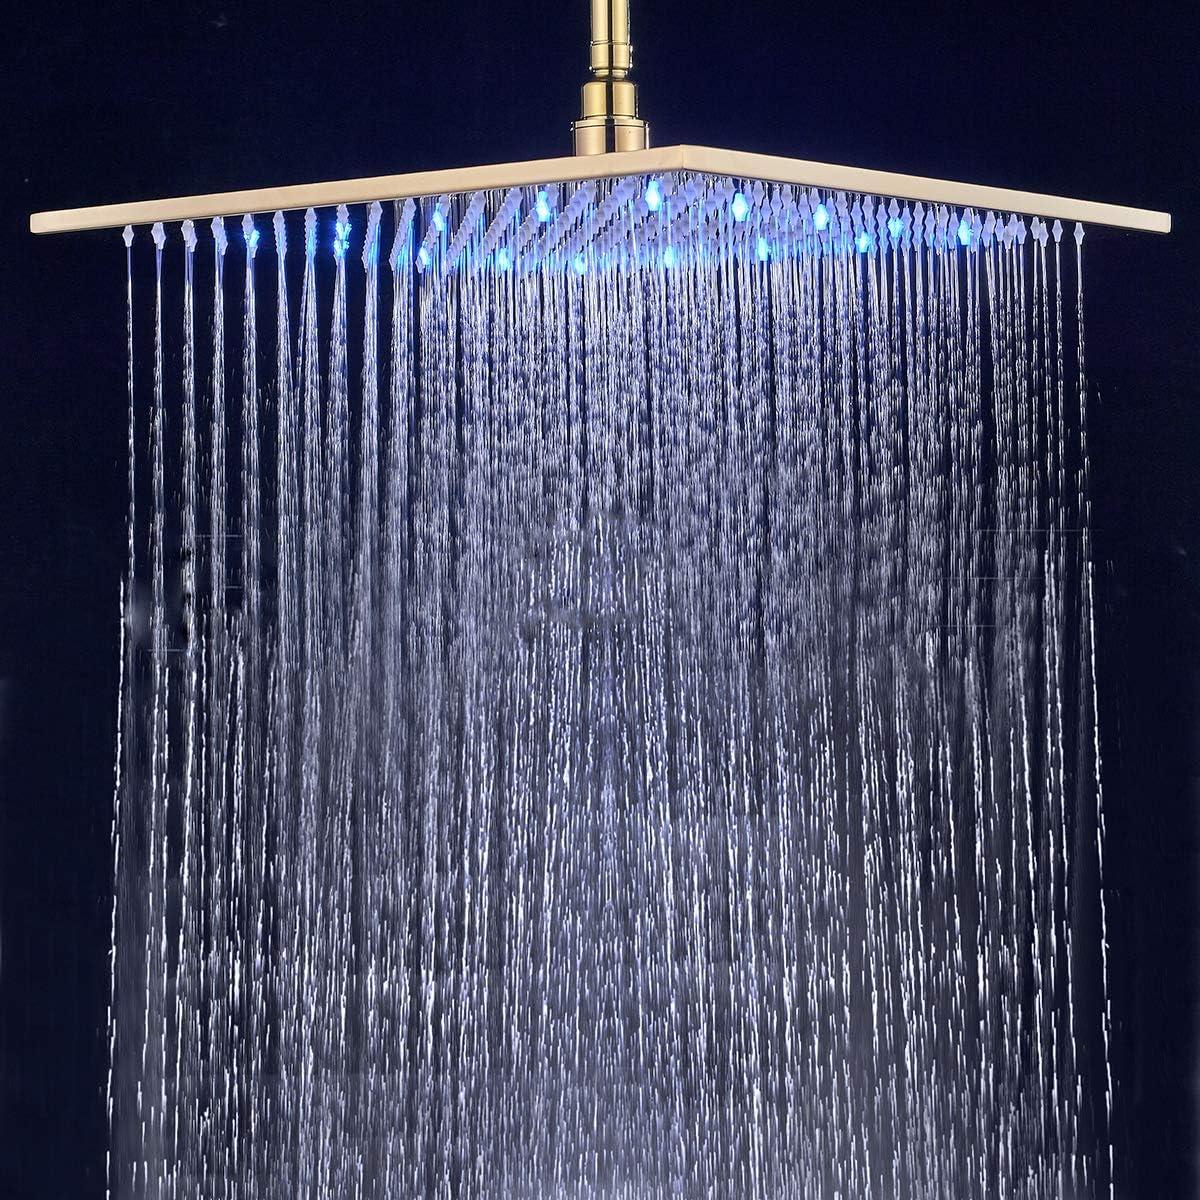 Lujo de ducha de lluvia Ducha techo ducha cuadrado /überkopfbrause Slimline farbew elchseln seg/ún temperatura suguword 40/* 40/cm LED empotrable